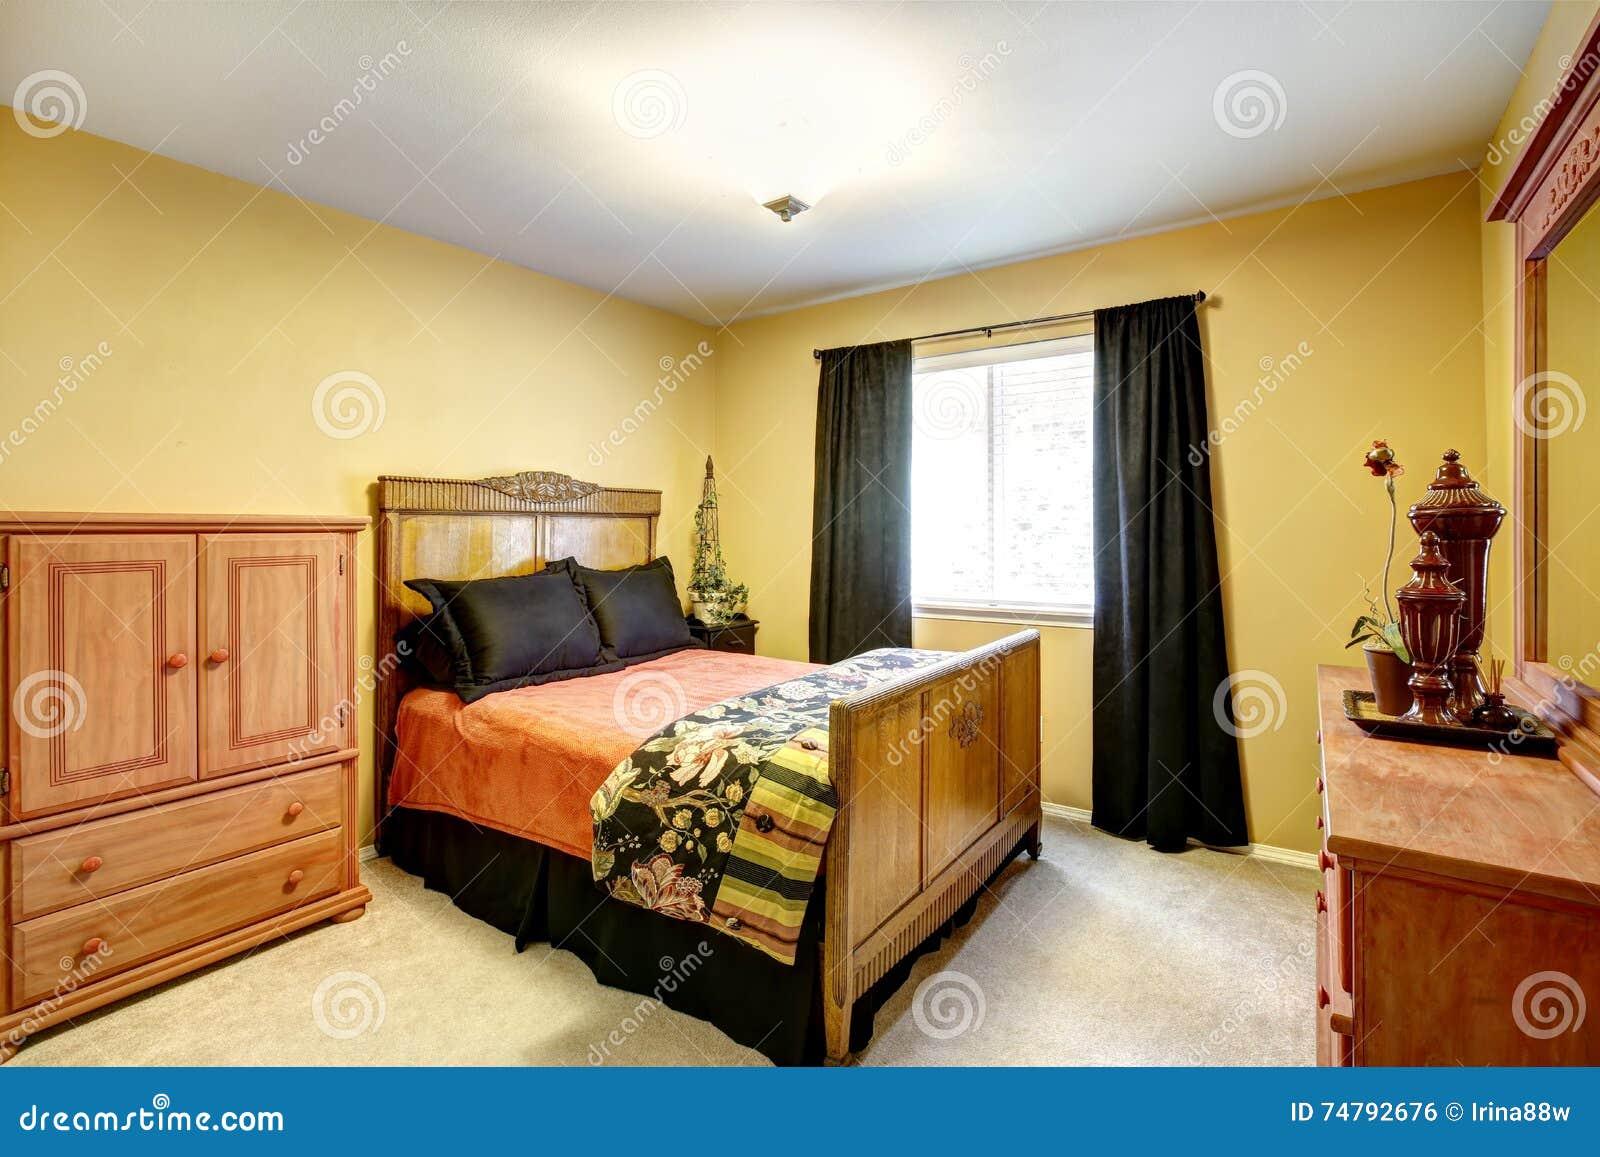 Heldere gele slaapkamer met gesneden houten meubilair stock foto afbeelding 74792676 - Houten bed ...